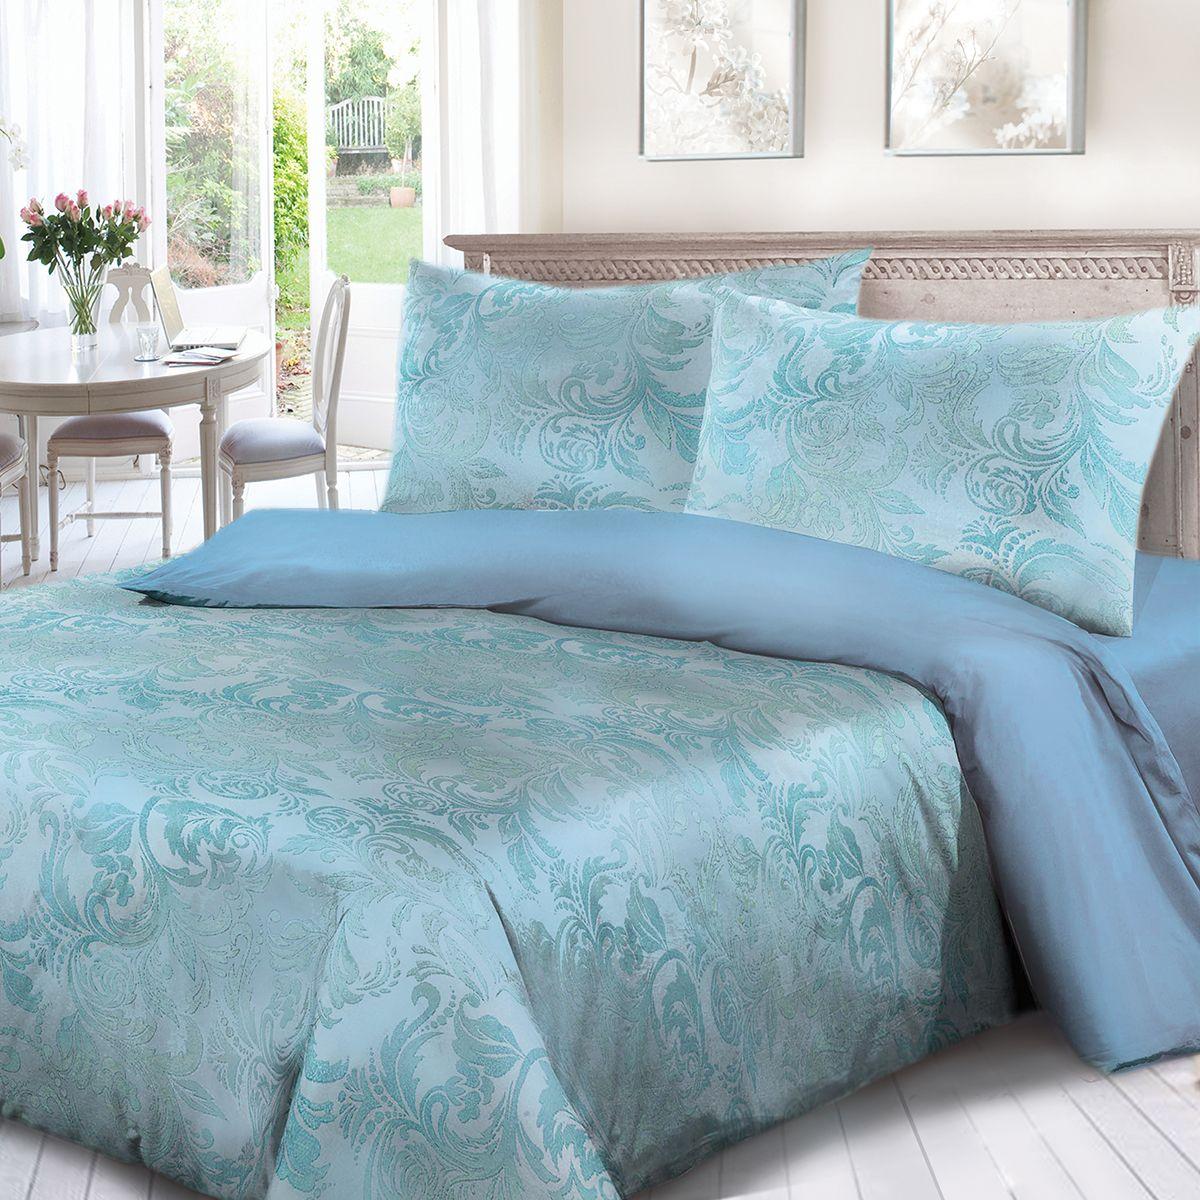 Комплект белья Сорренто Мажор, семейный, наволочки 70x70, цвет: голубой. 3963-580292